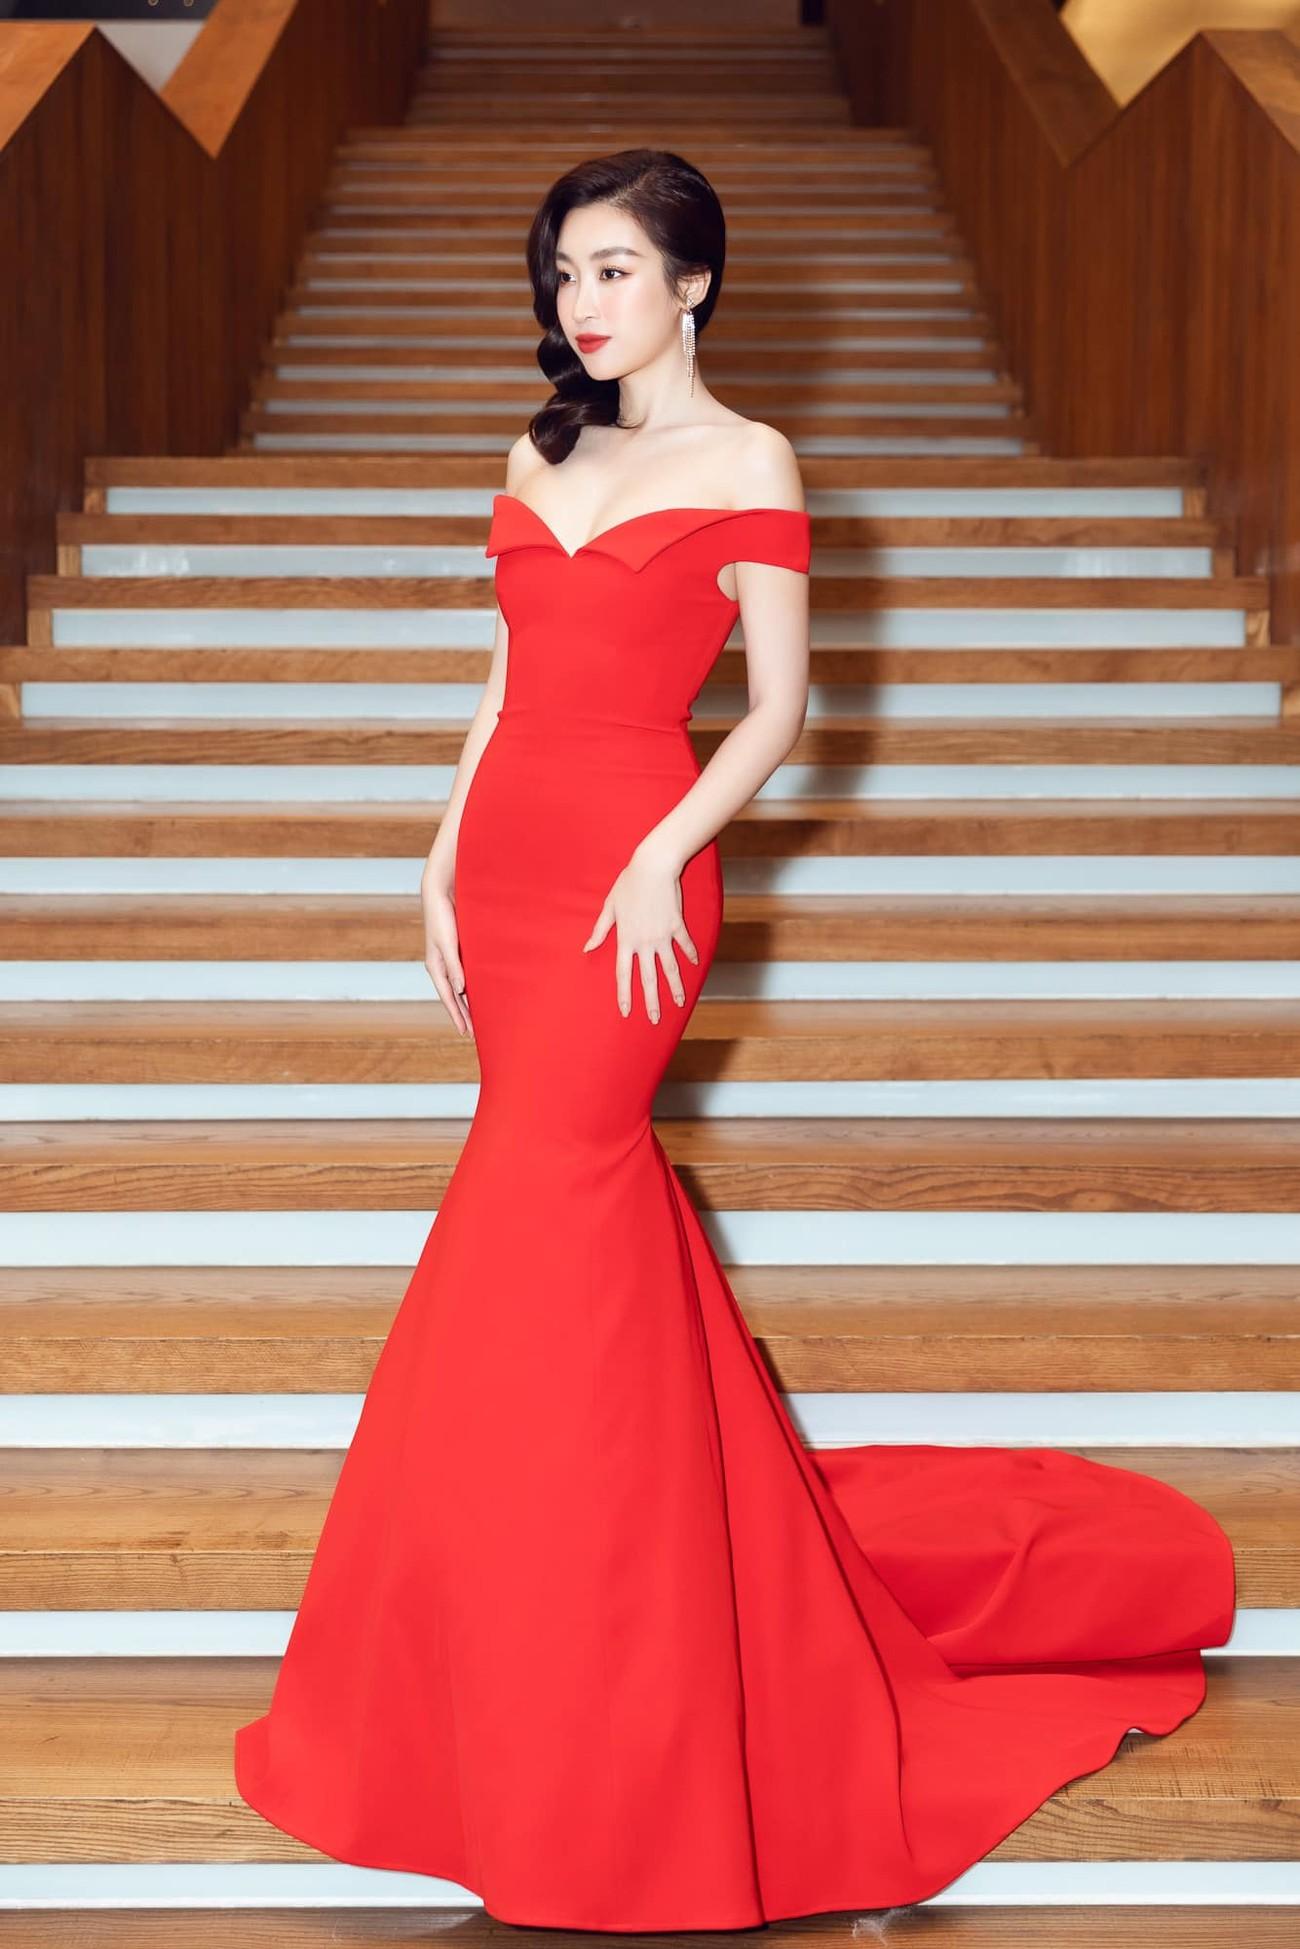 Hoa hậu Tiểu Vy mặc váy cô dâu khoe thềm ngực quyến rũ ảnh 8